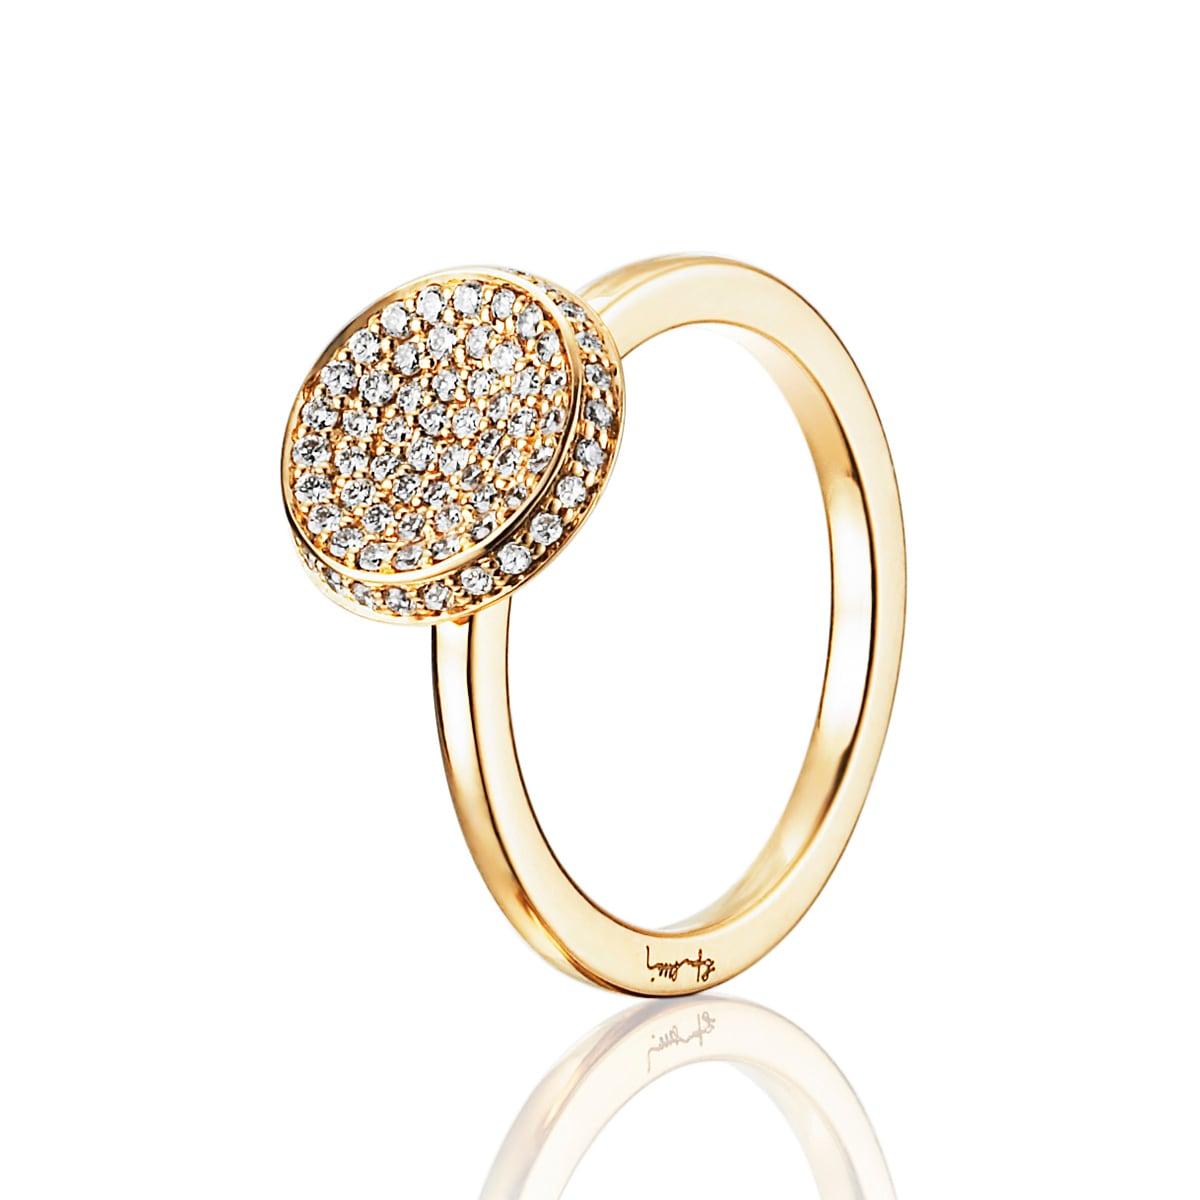 Efva_Attling_smycken_Love Bowl Ring 13-101-00973(1)_hos_Jarl_Sandin